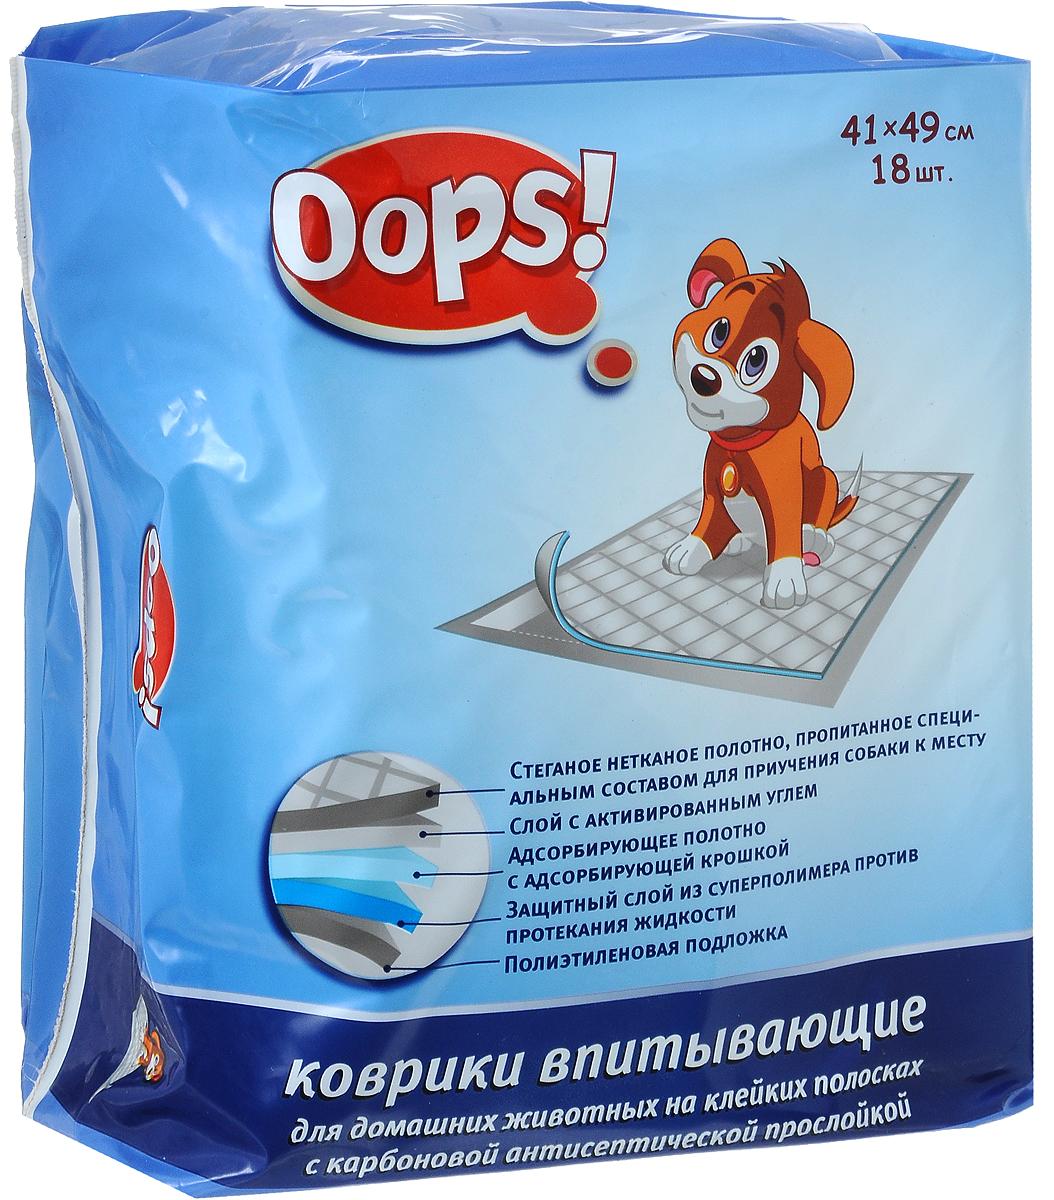 Коврики для домашних животных OOPS!, впитывающие, на клейких полосках, 41 х 49 см, 18 шт0120710Впитывающие коврики OOPS! с адсорбирующим суперполимером для щенков и взрослых собак всех пород и размеров. При производстве ковриков используется Sumitomo - японский материал с лучшей в мире впитывающей способностью. Коврики OOPS! имеют клейкие полоски, с помощью которых коврик можно закрепить на любой поверхности. Вам просто нужно убрать бумажные полоски с пластикового покрытия и приклеить коврик туда, куда вам удобно. Специальная обработка ковриков OOPS! приучает собаку к месту, облегчает тренировку.Коврики OOPS! поглощают влагу и неприятные запахи, надежно удерживая внутри коврика, не выпуская наружу. Предохраняют поли мебель от царапин и шерсти. Незаменимы в период лактации, в первый месяц жизни щенков, при специфических заболеваниях, в поездках, выставках и на приеме у ветеринарного доктора.Состав: целлюлоза, впитывающий суперполимер, нетканое полотно, полиэтилен, активированный уголь.